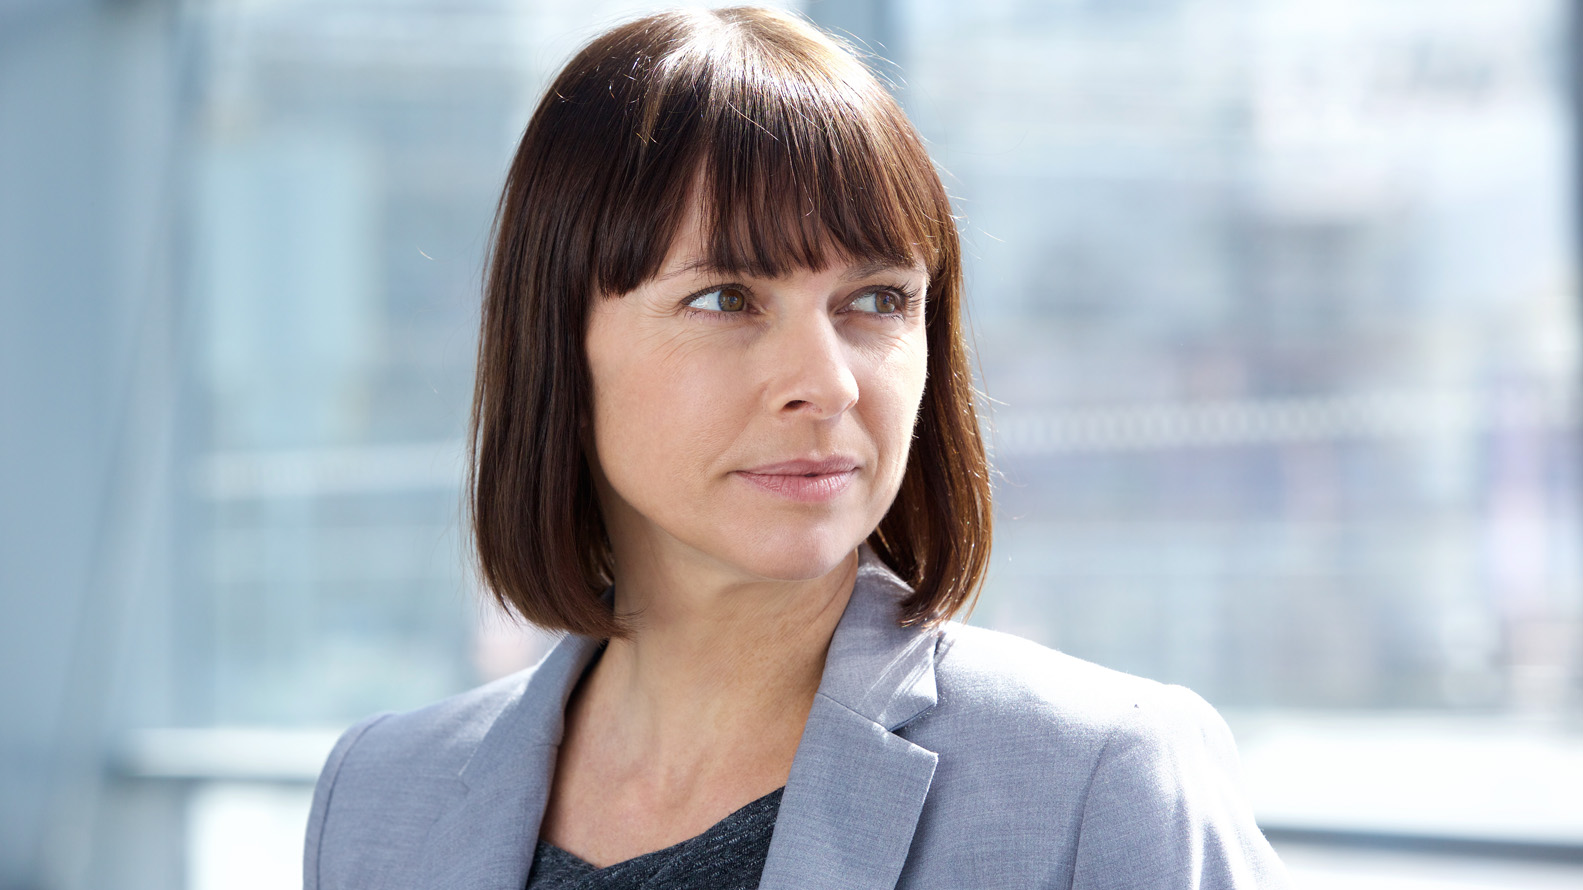 female executive